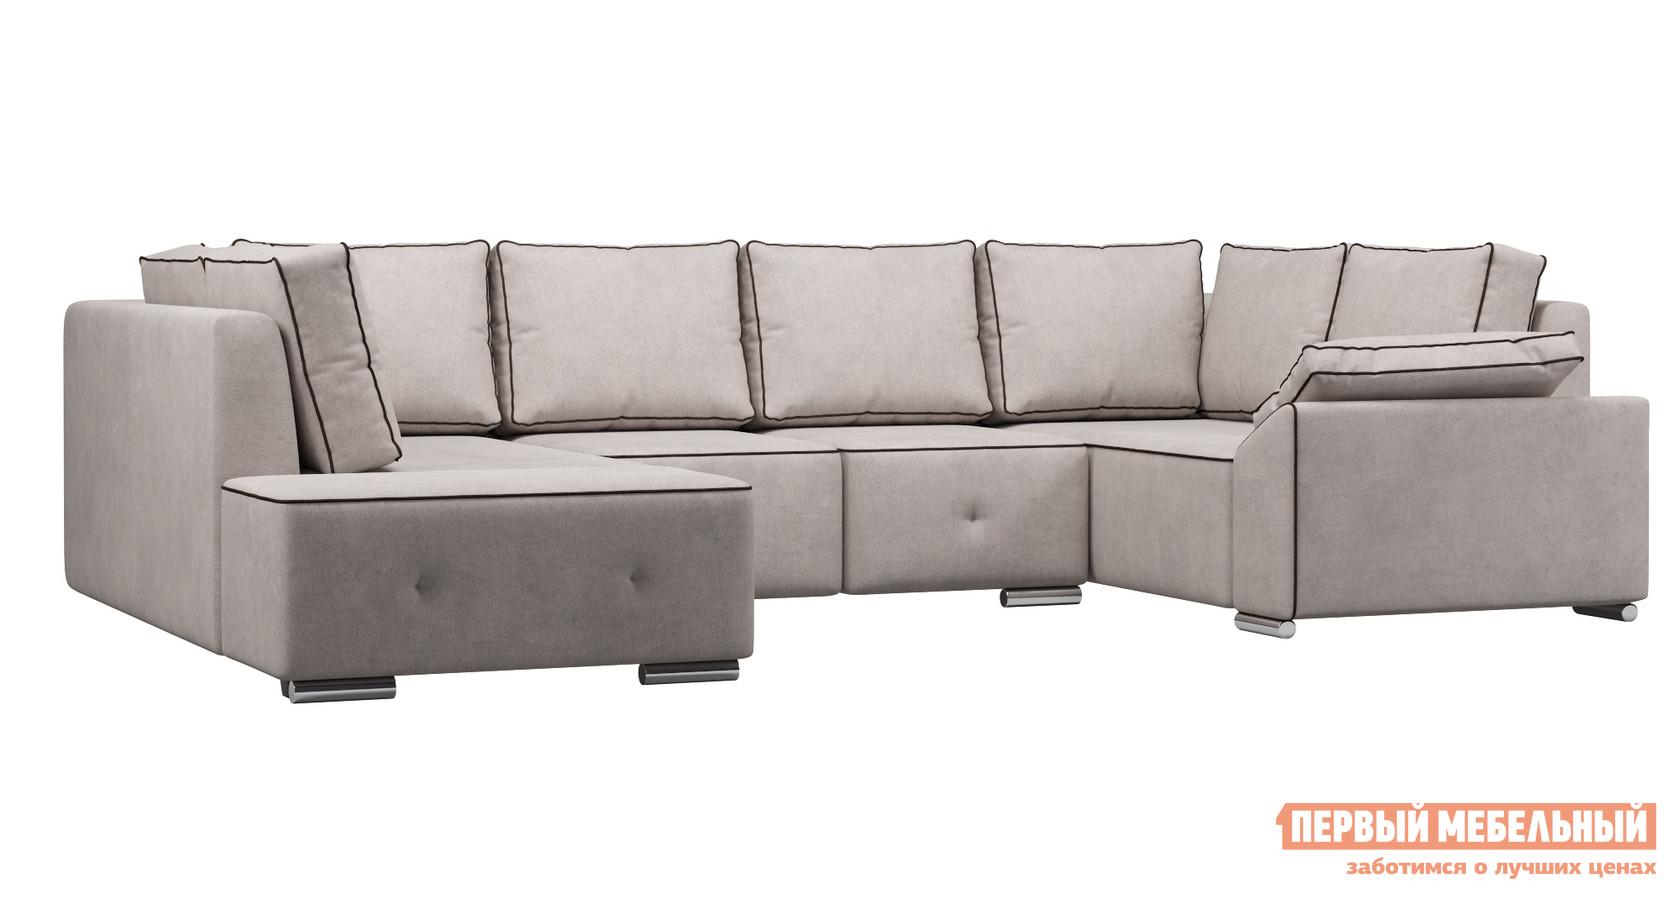 Угловой диван WOODCRAFT Фанки комплект П диван угловой woodcraft вендор джеральд 3 универсальный